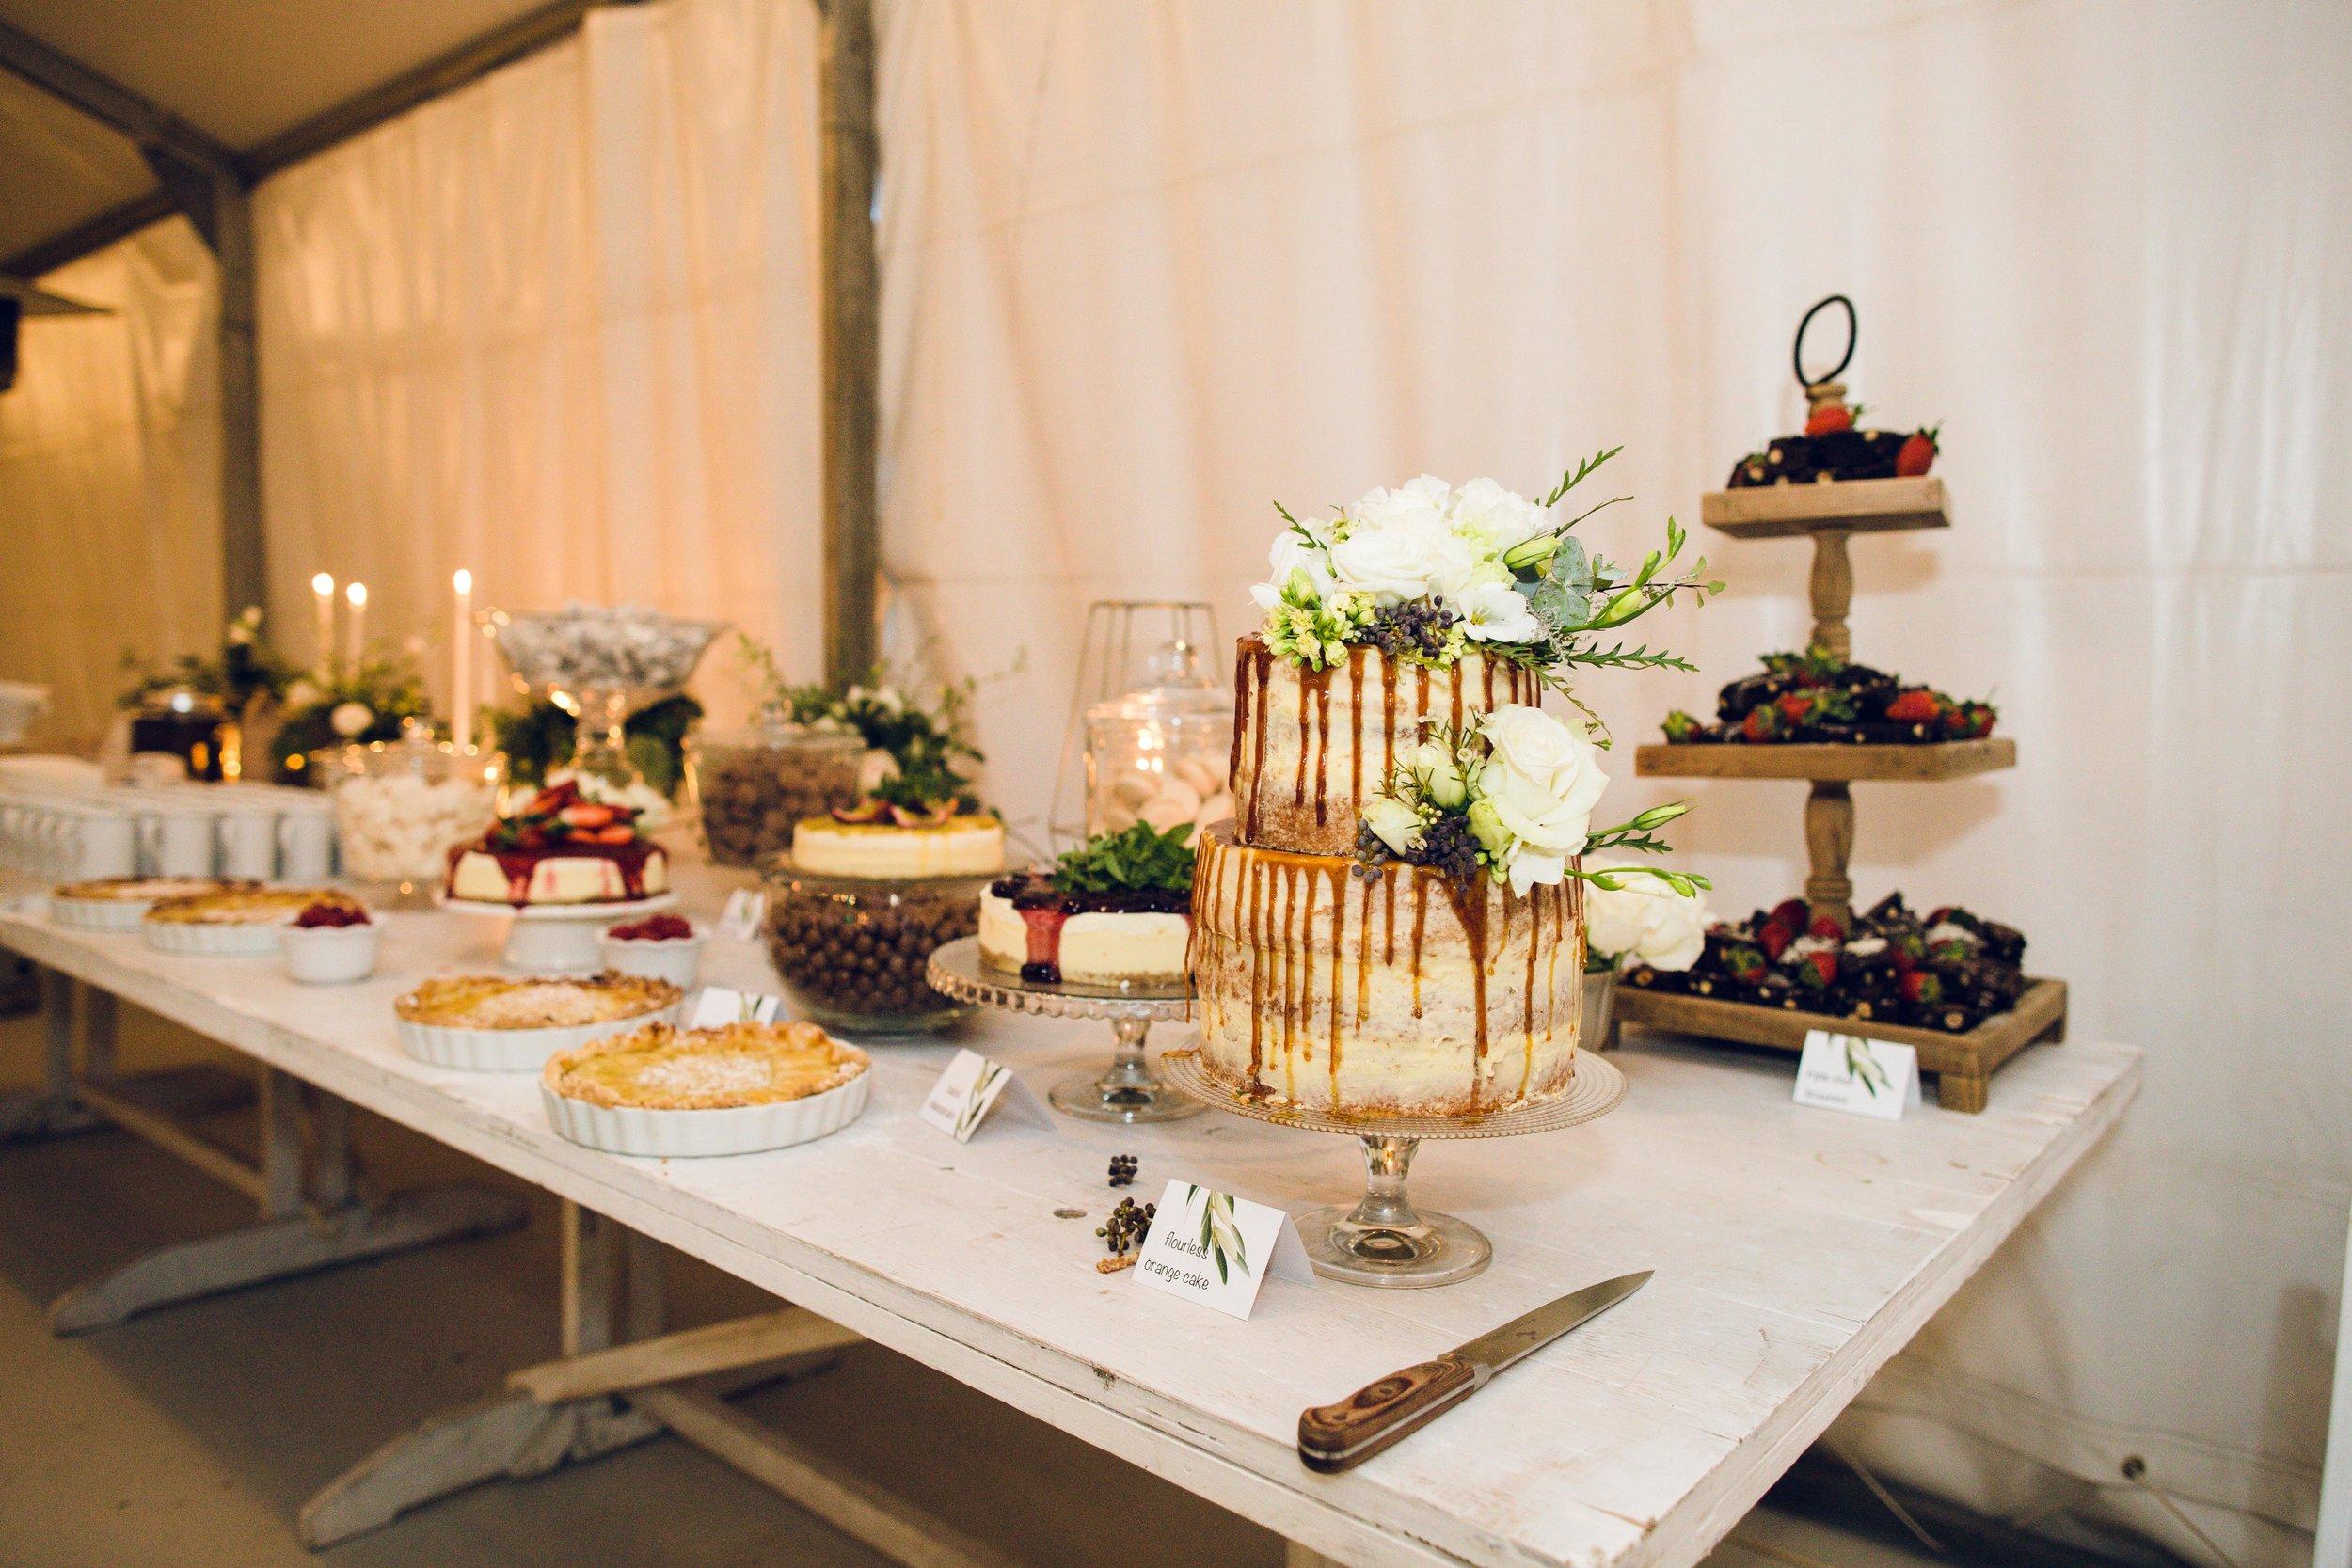 Food photos for Kath-1.jpg